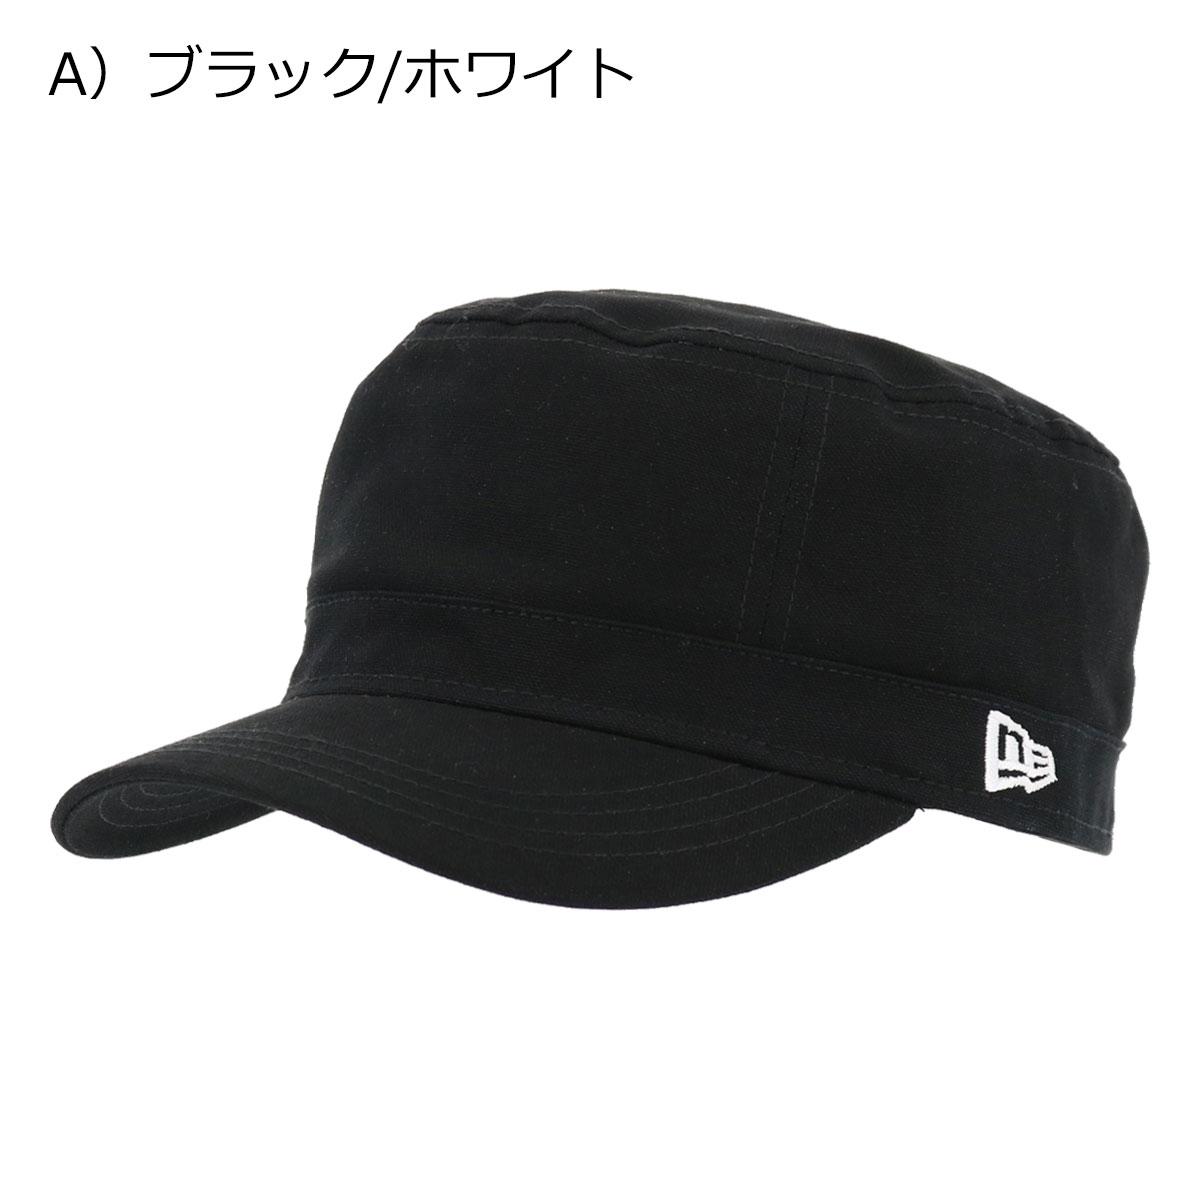 A)ブラック/ホワイト